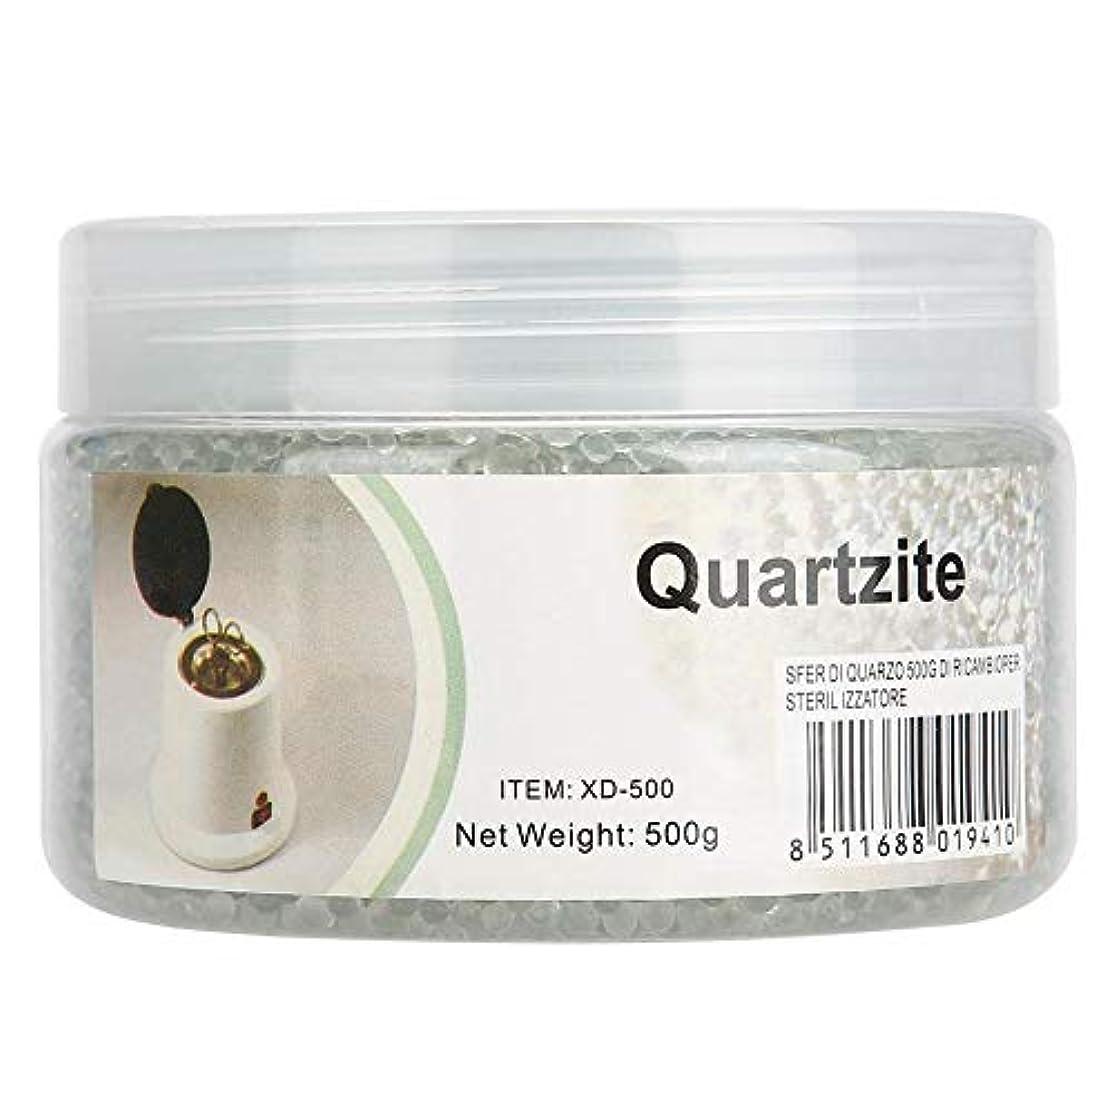 不和系統的縞模様の高温殺菌ボックス用ガラス玉